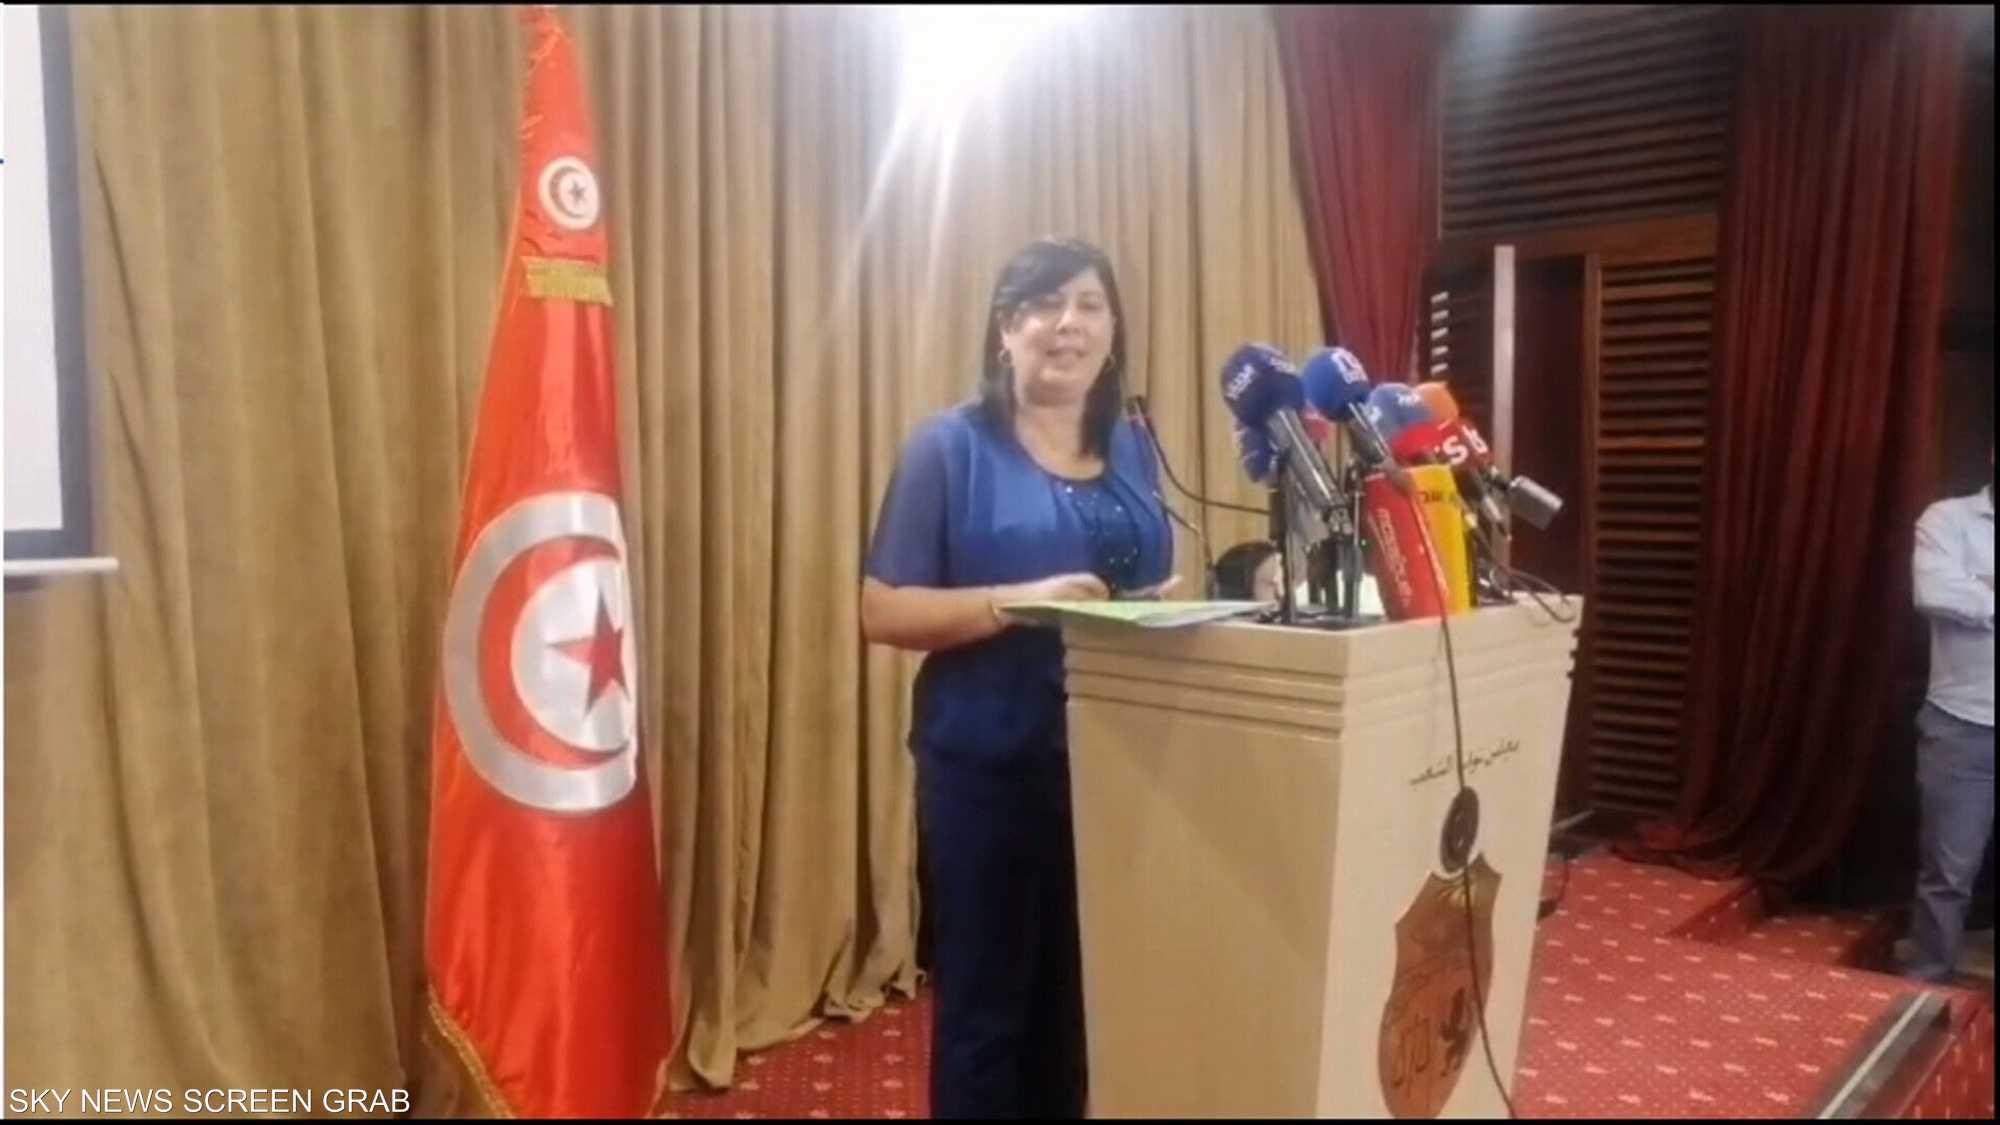 موسي: أعضاء حركة النهضة في تونس يتلقون دعما من قطر